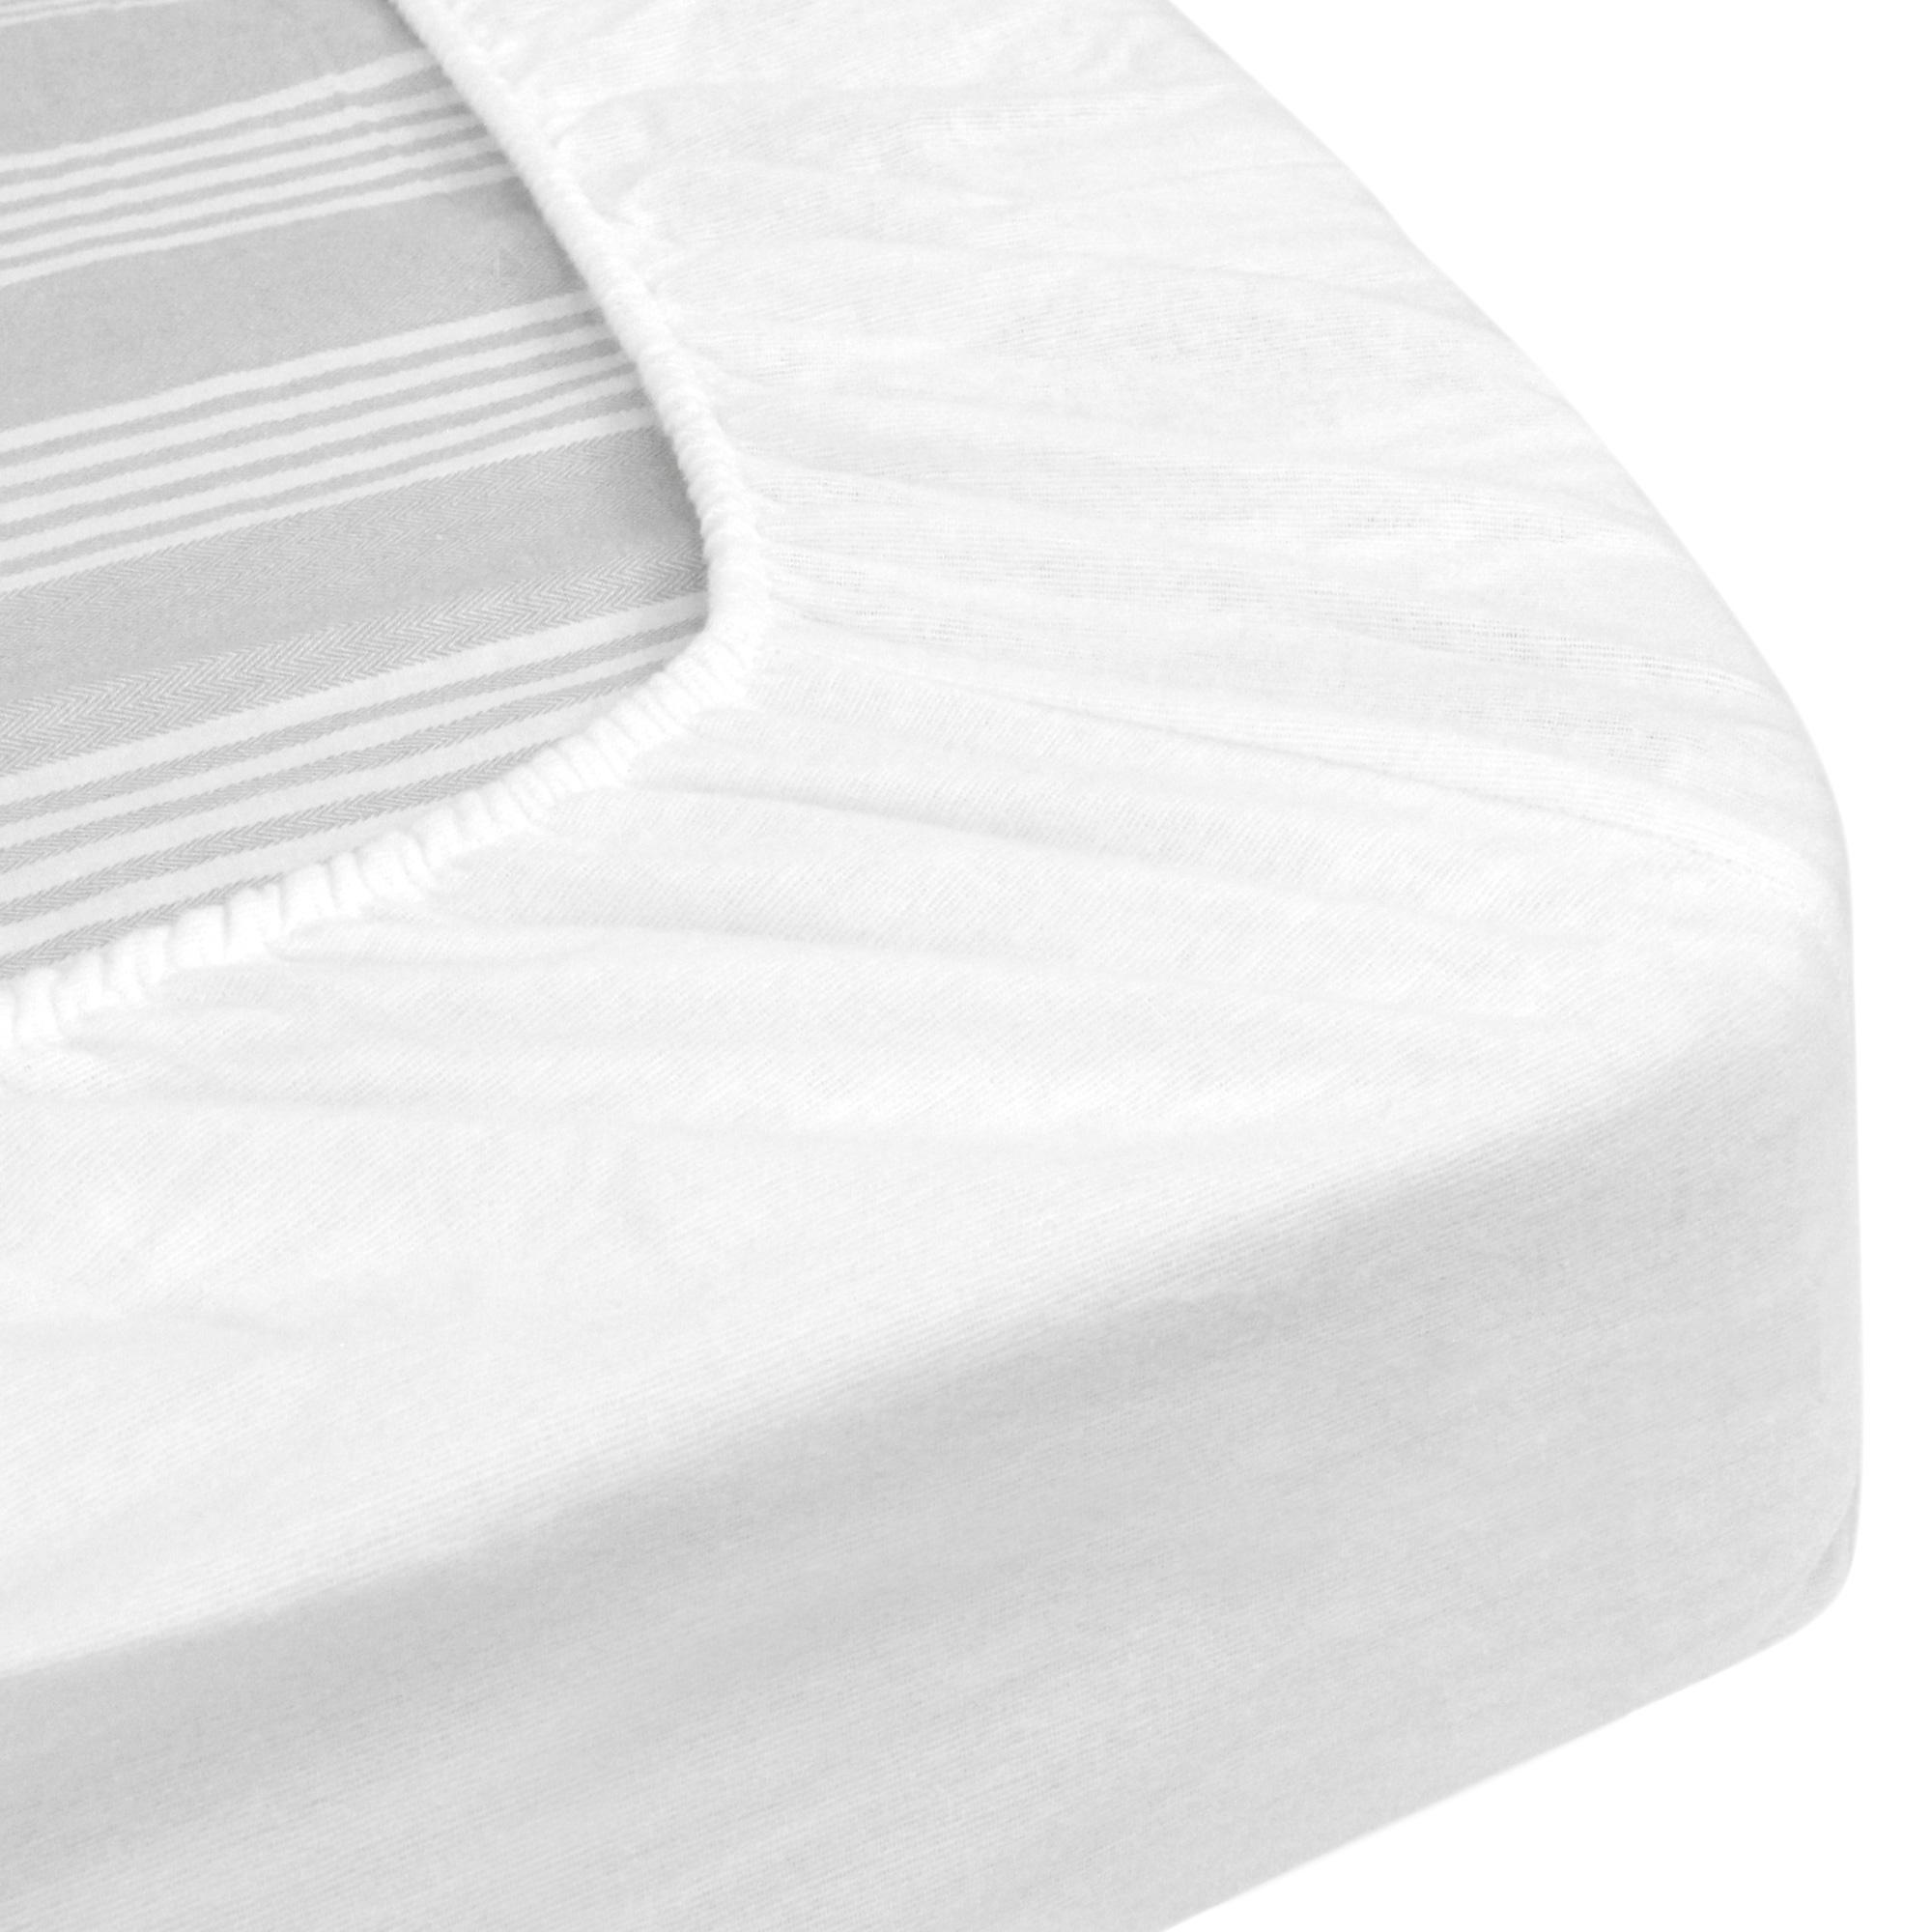 prot ge matelas imperm able 180x200 cm bonnet 23cm arnon. Black Bedroom Furniture Sets. Home Design Ideas